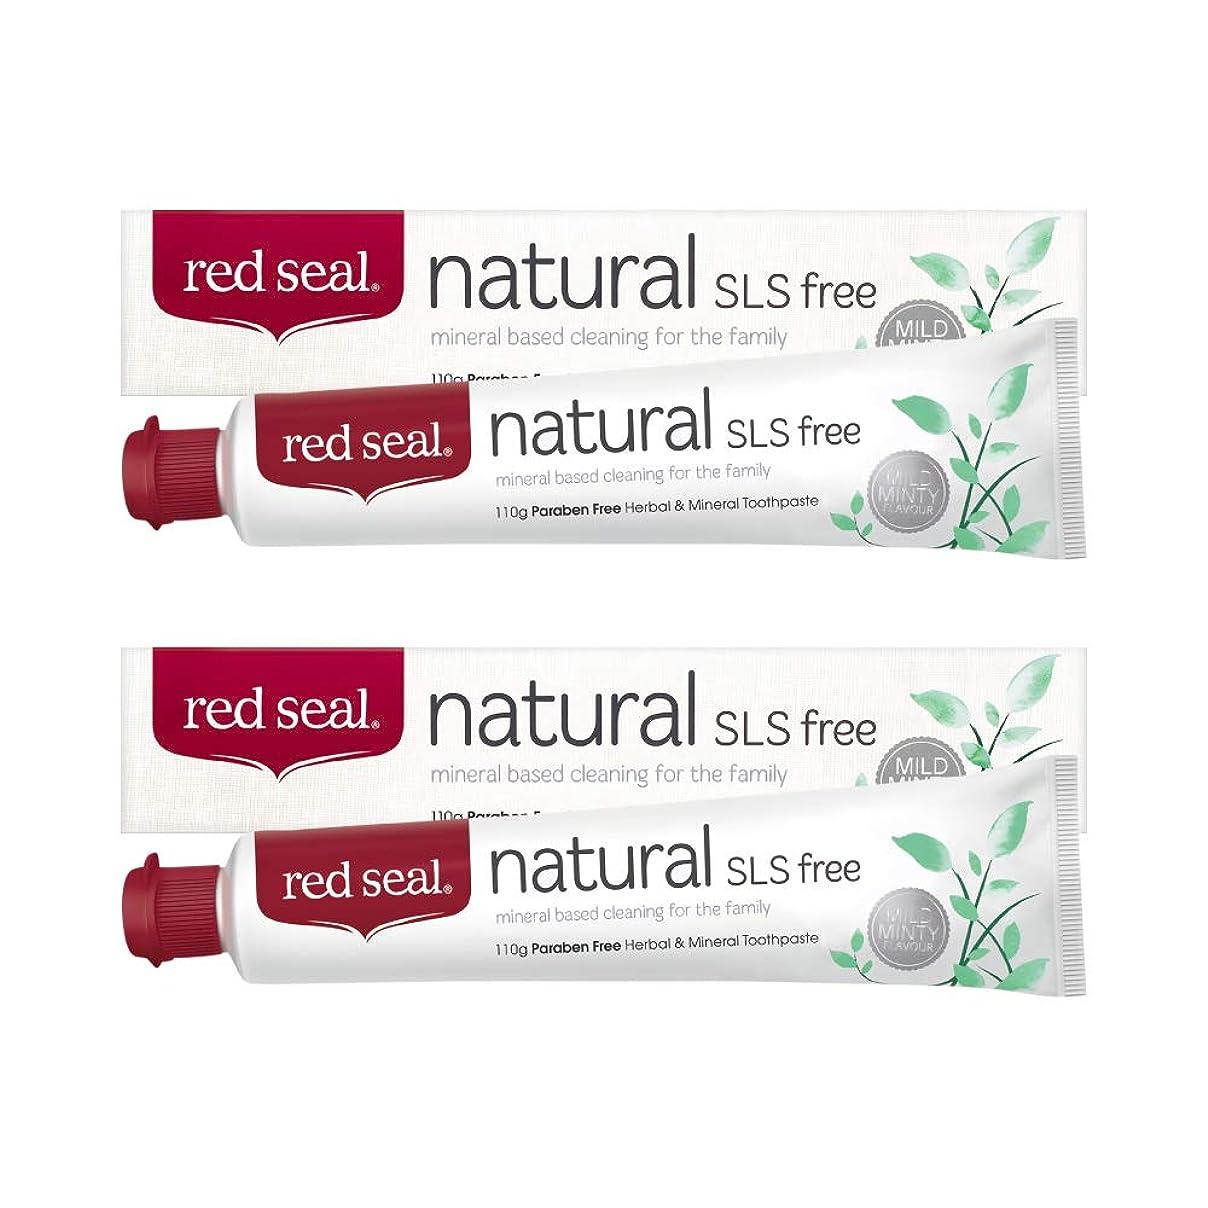 記録ショッキングチーズレッドシール 歯磨き粉 ナチュラル SLSフリー 110g × 2本セット [ red seal/propolis ]